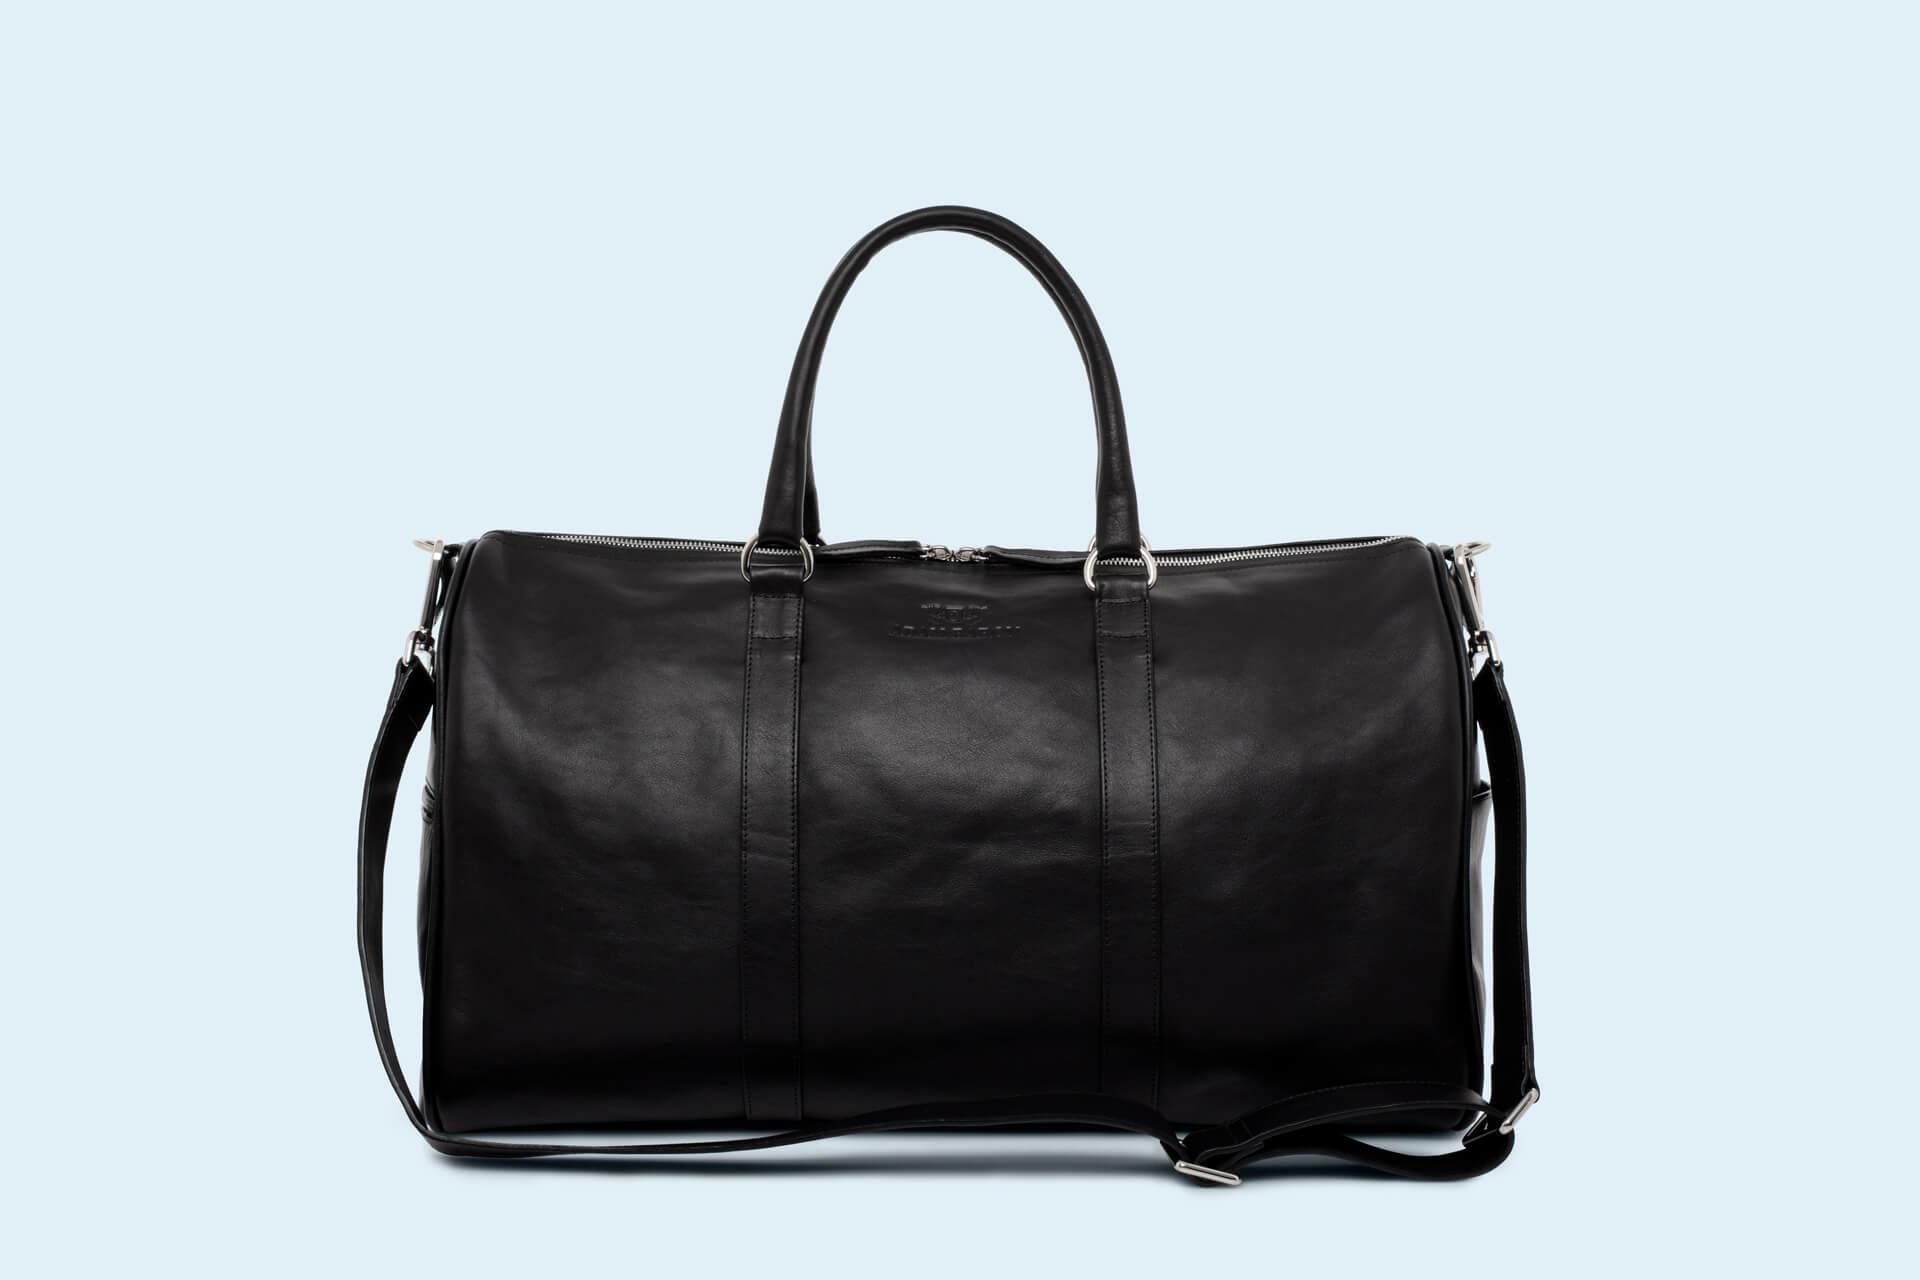 dfb718cdf7a68 Skórzana torba podróżna - Nonconformist Travel black